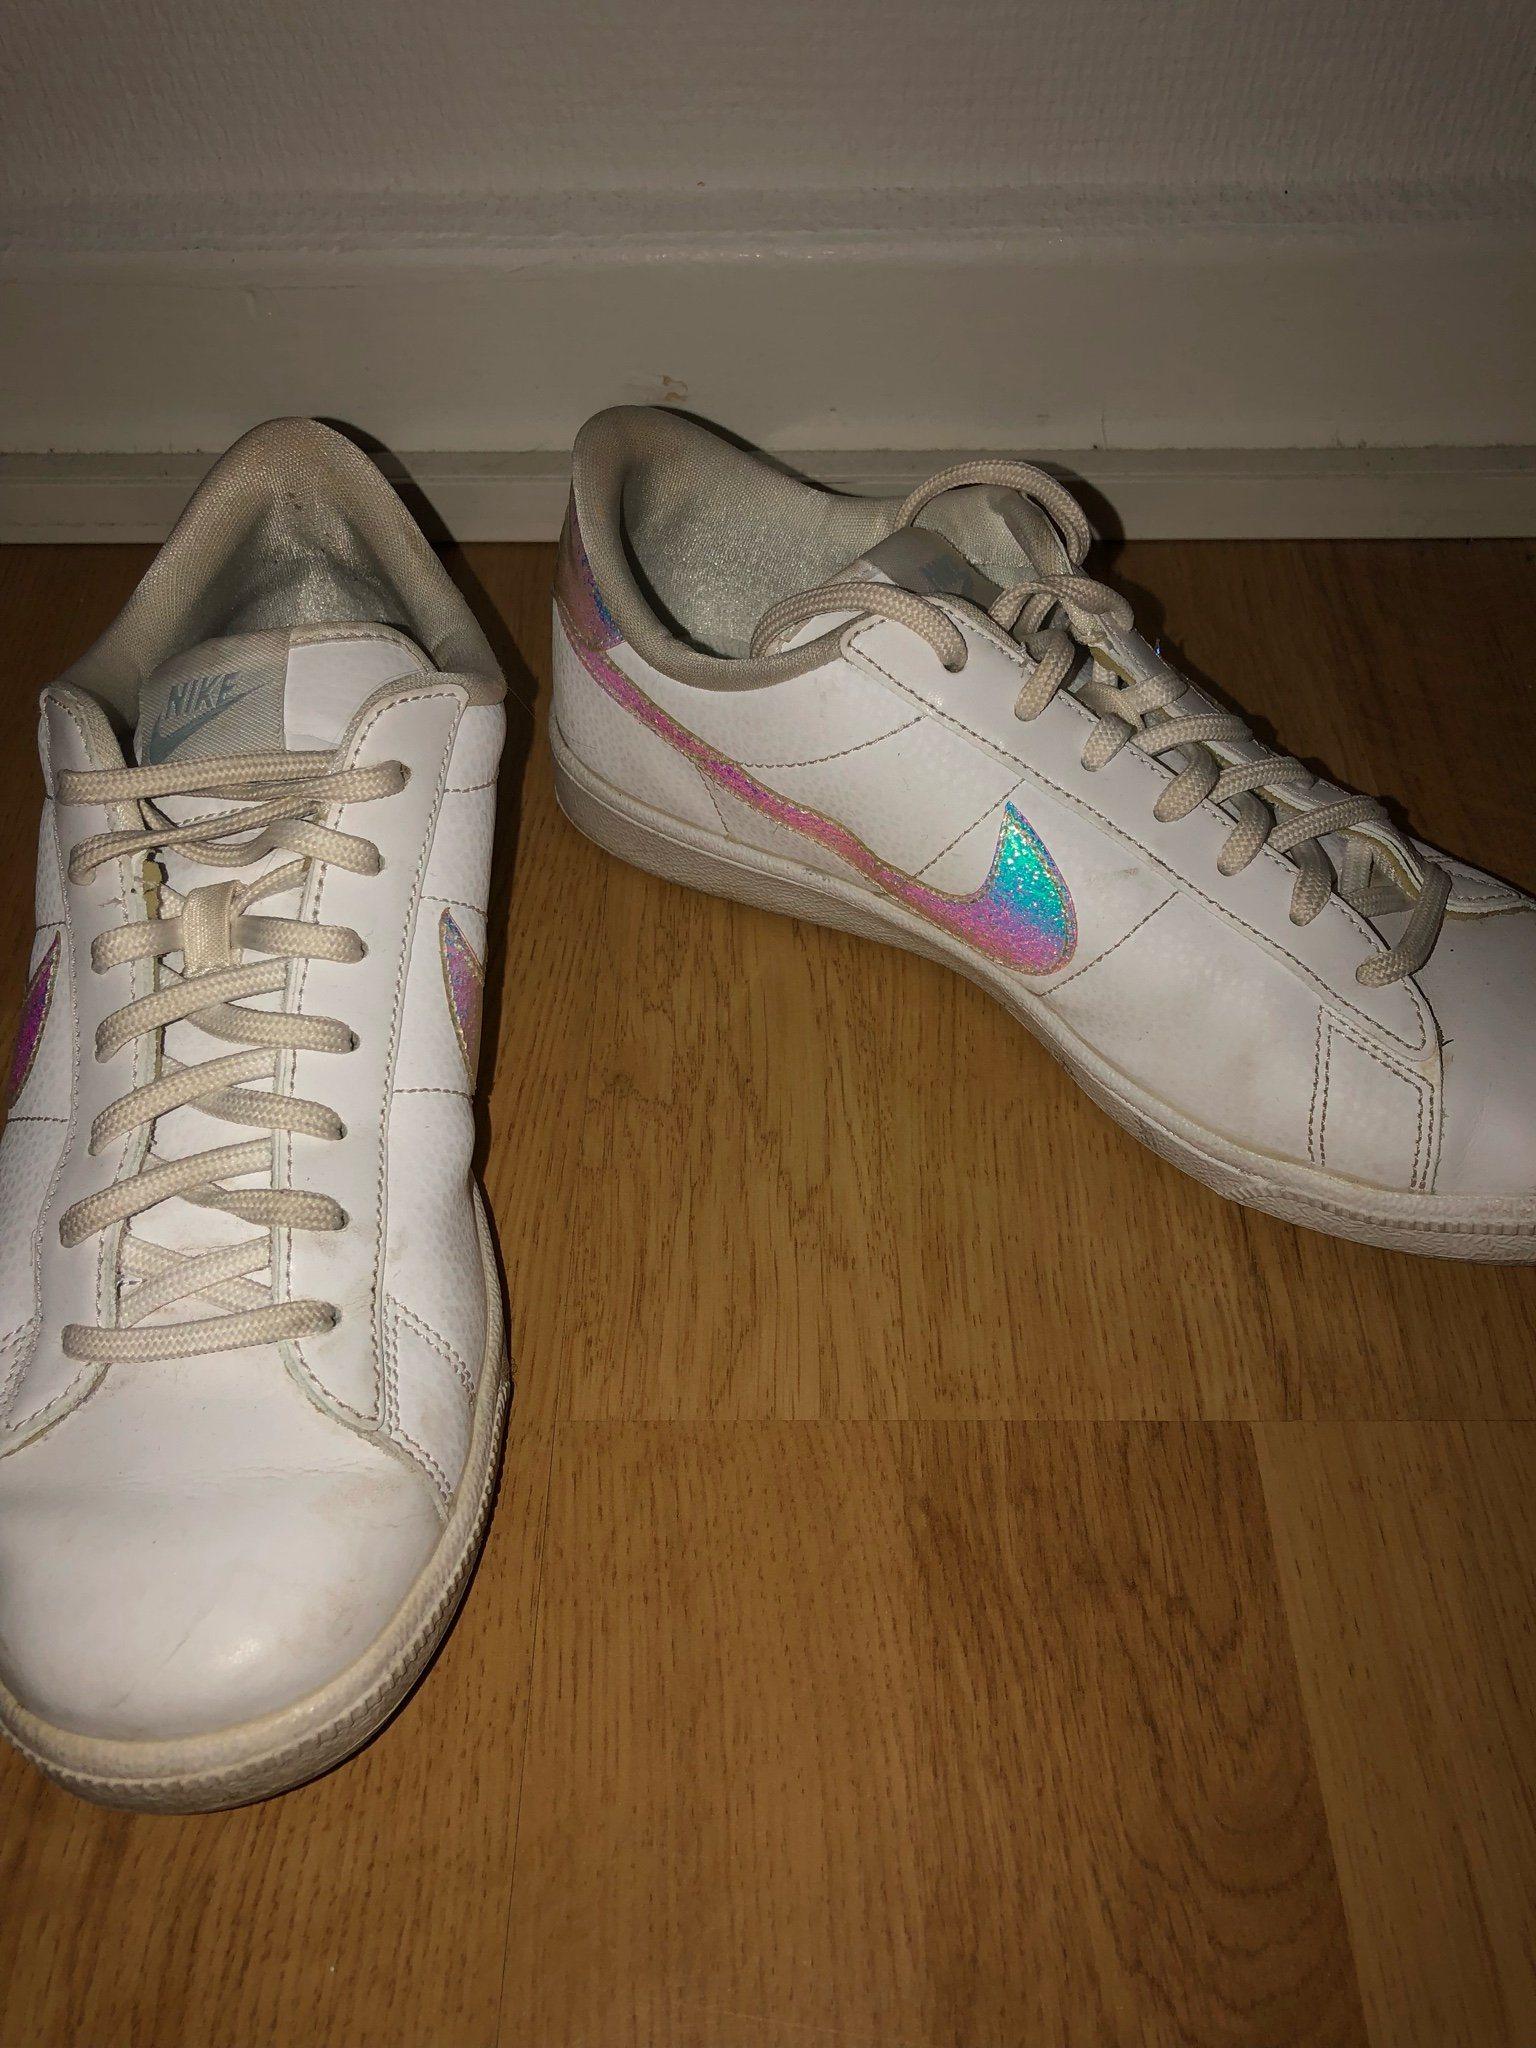 0910dc2e48c Nike skor (337911191) ᐈ Köp på Tradera